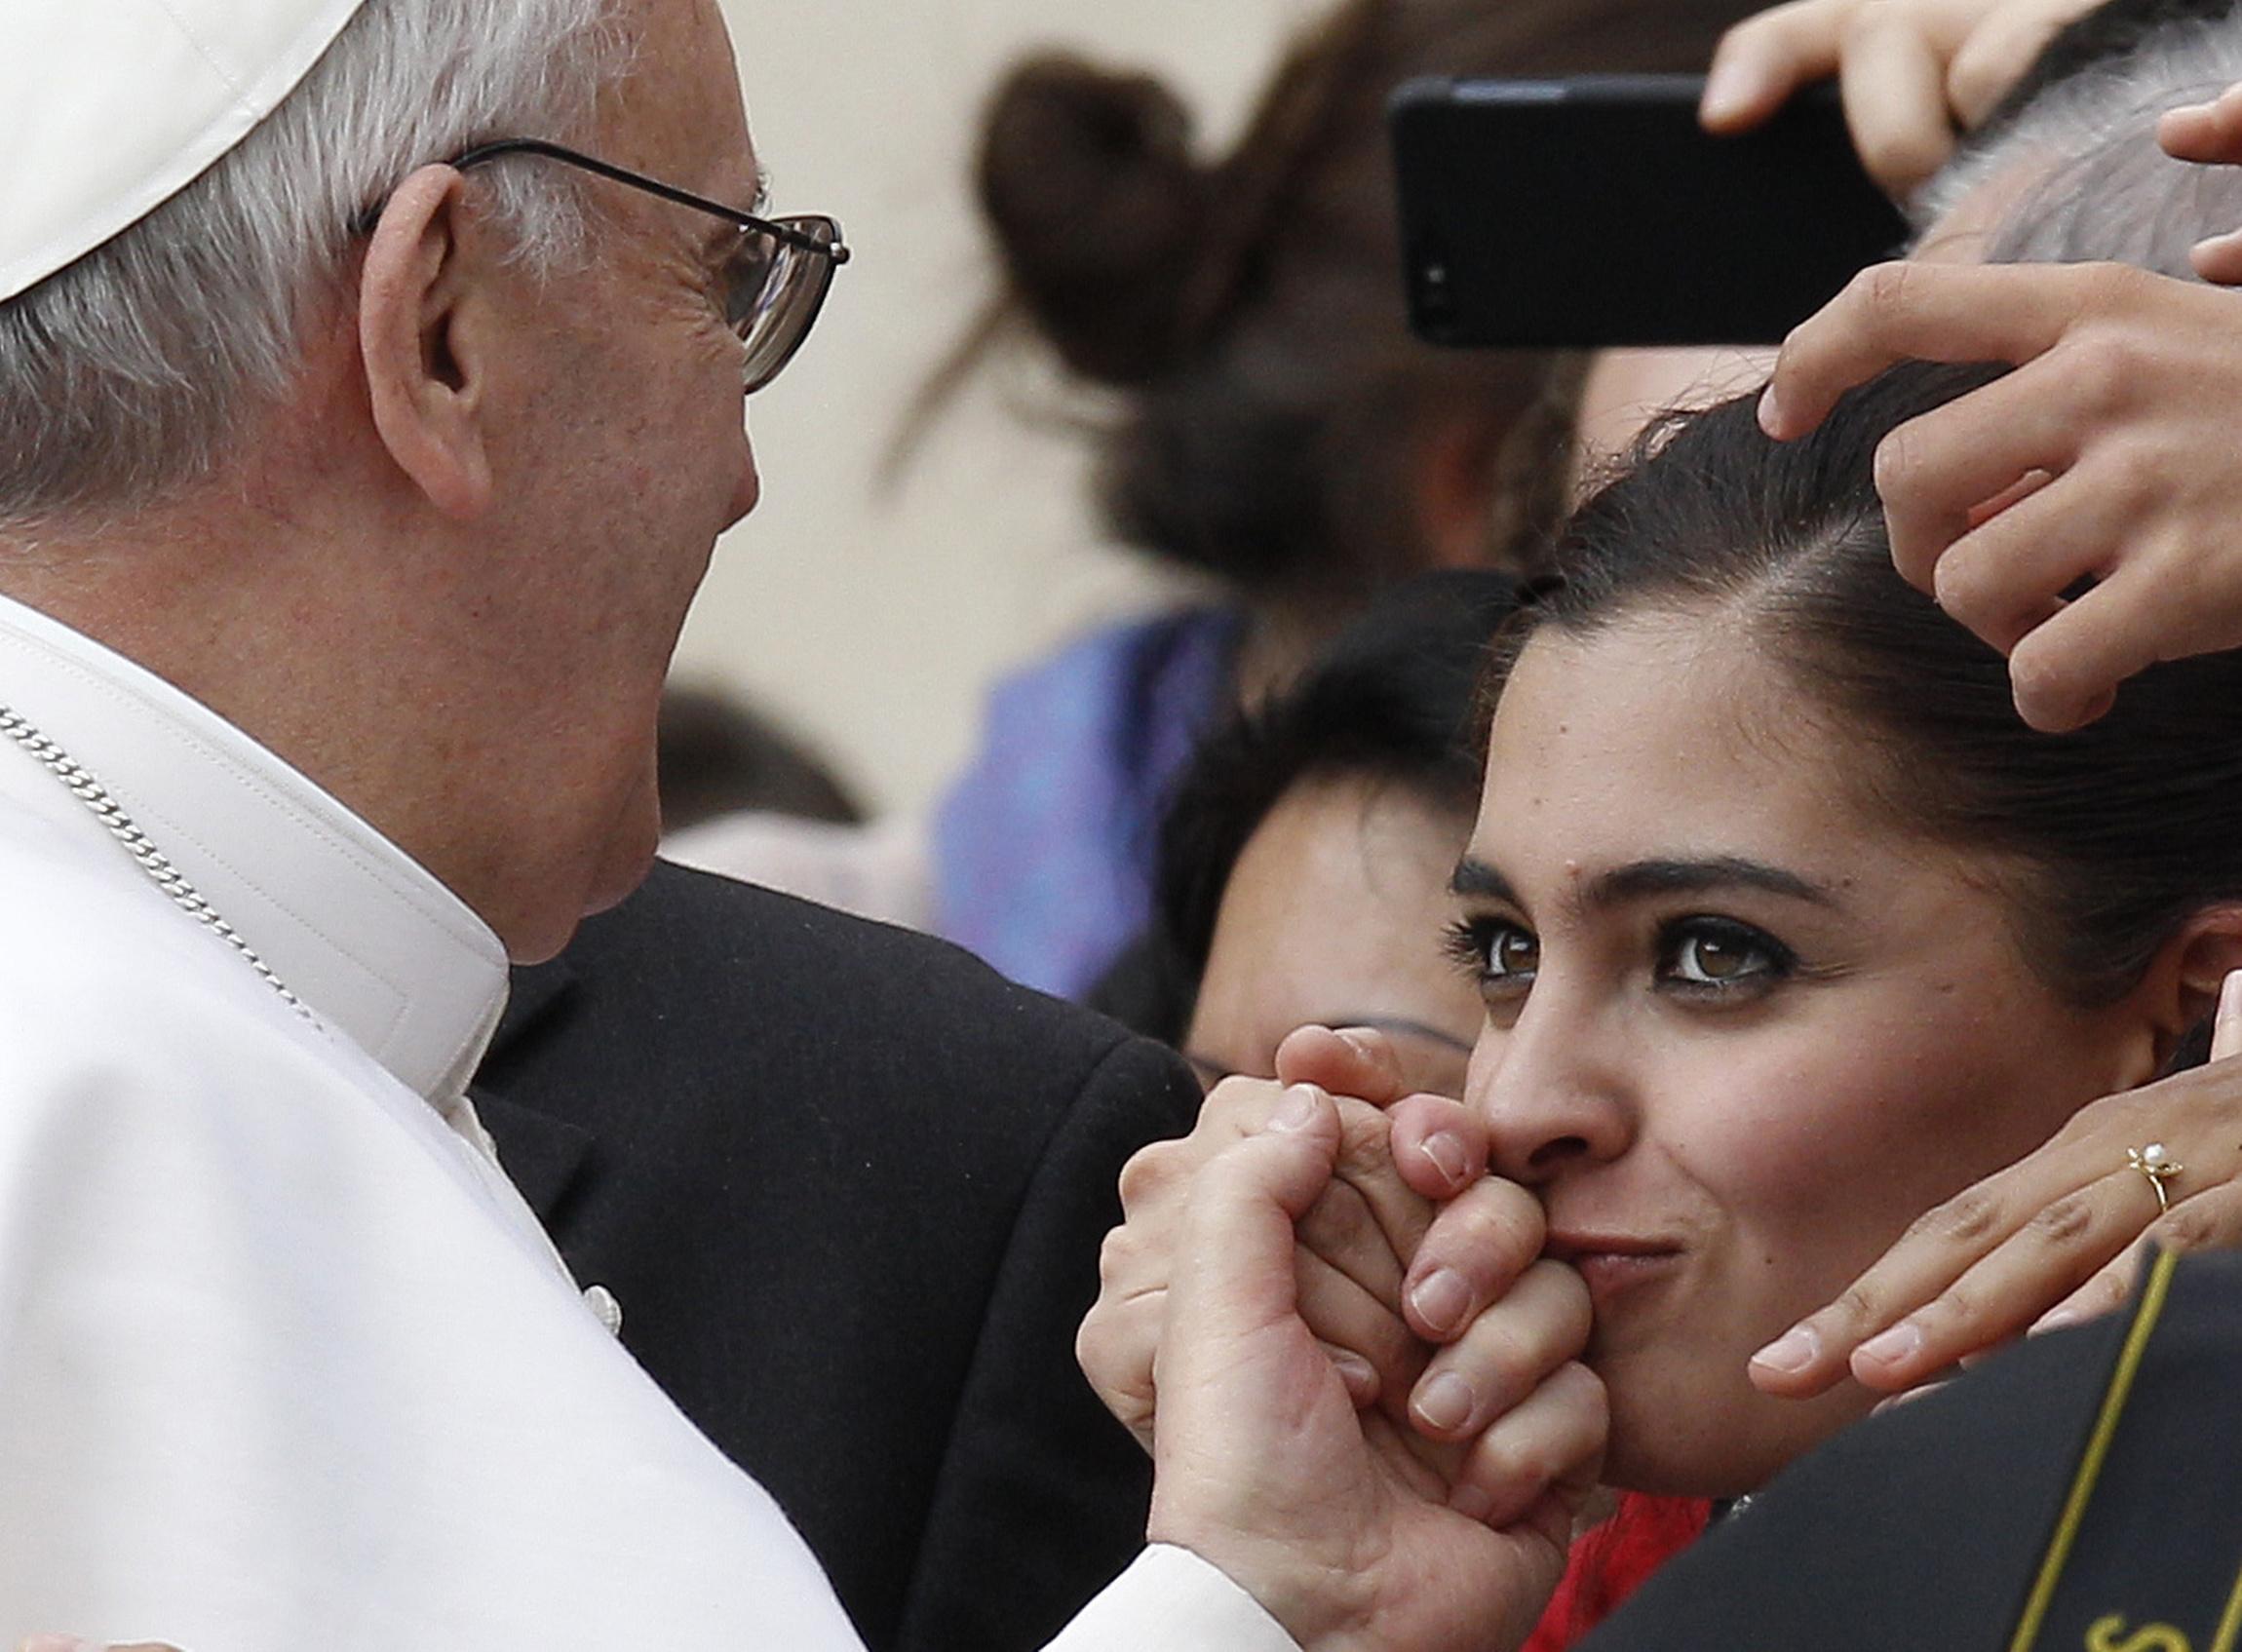 Mulher beija a mão do papa Francisco durante a audiência geral na Praça de São Pedro no Vaticano. Foto/Paul Haring, Março, 2013